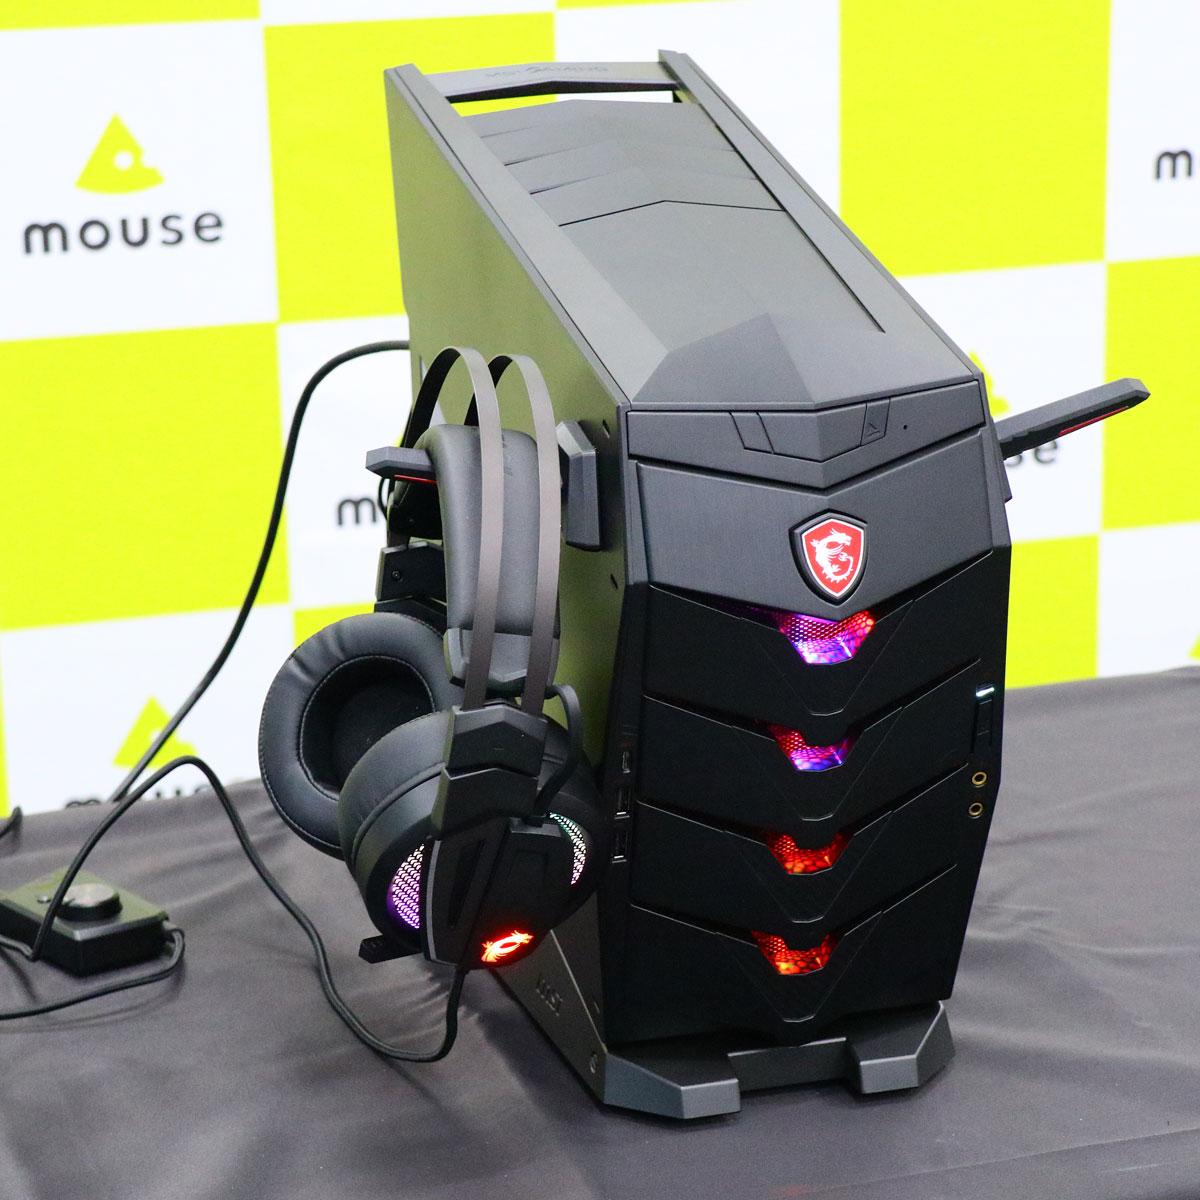 マウスがMSIのゲーミングPCの取扱開始!? 新モデルは日本独占販売